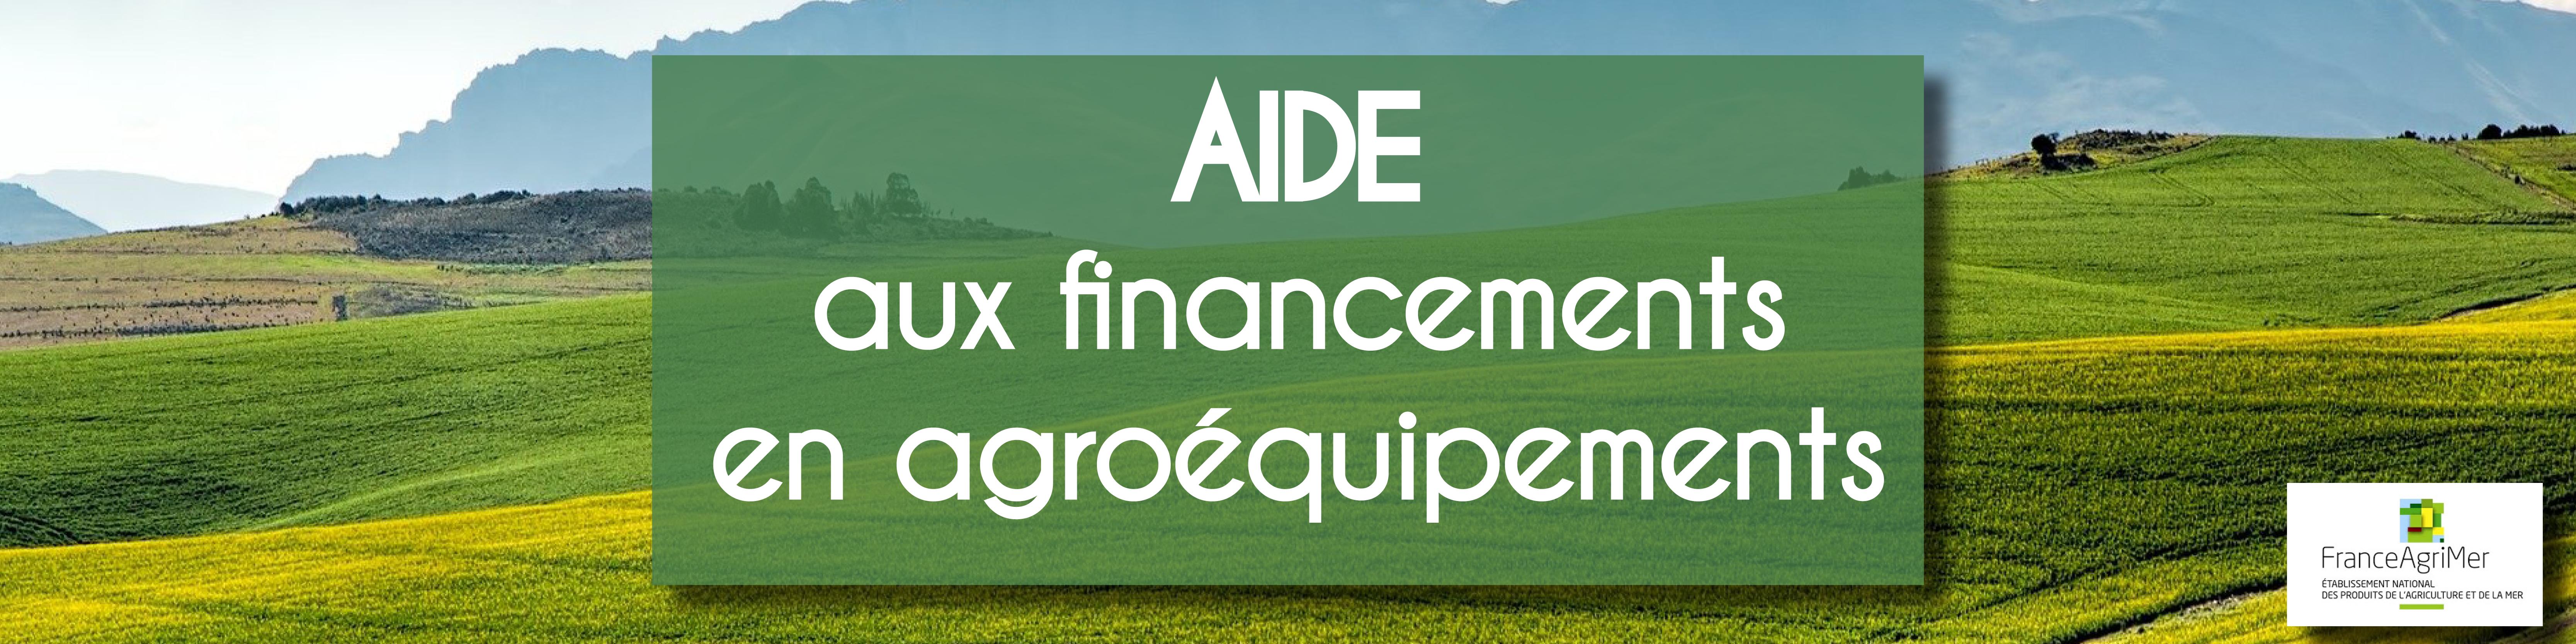 aide aux financements en agroéquipements